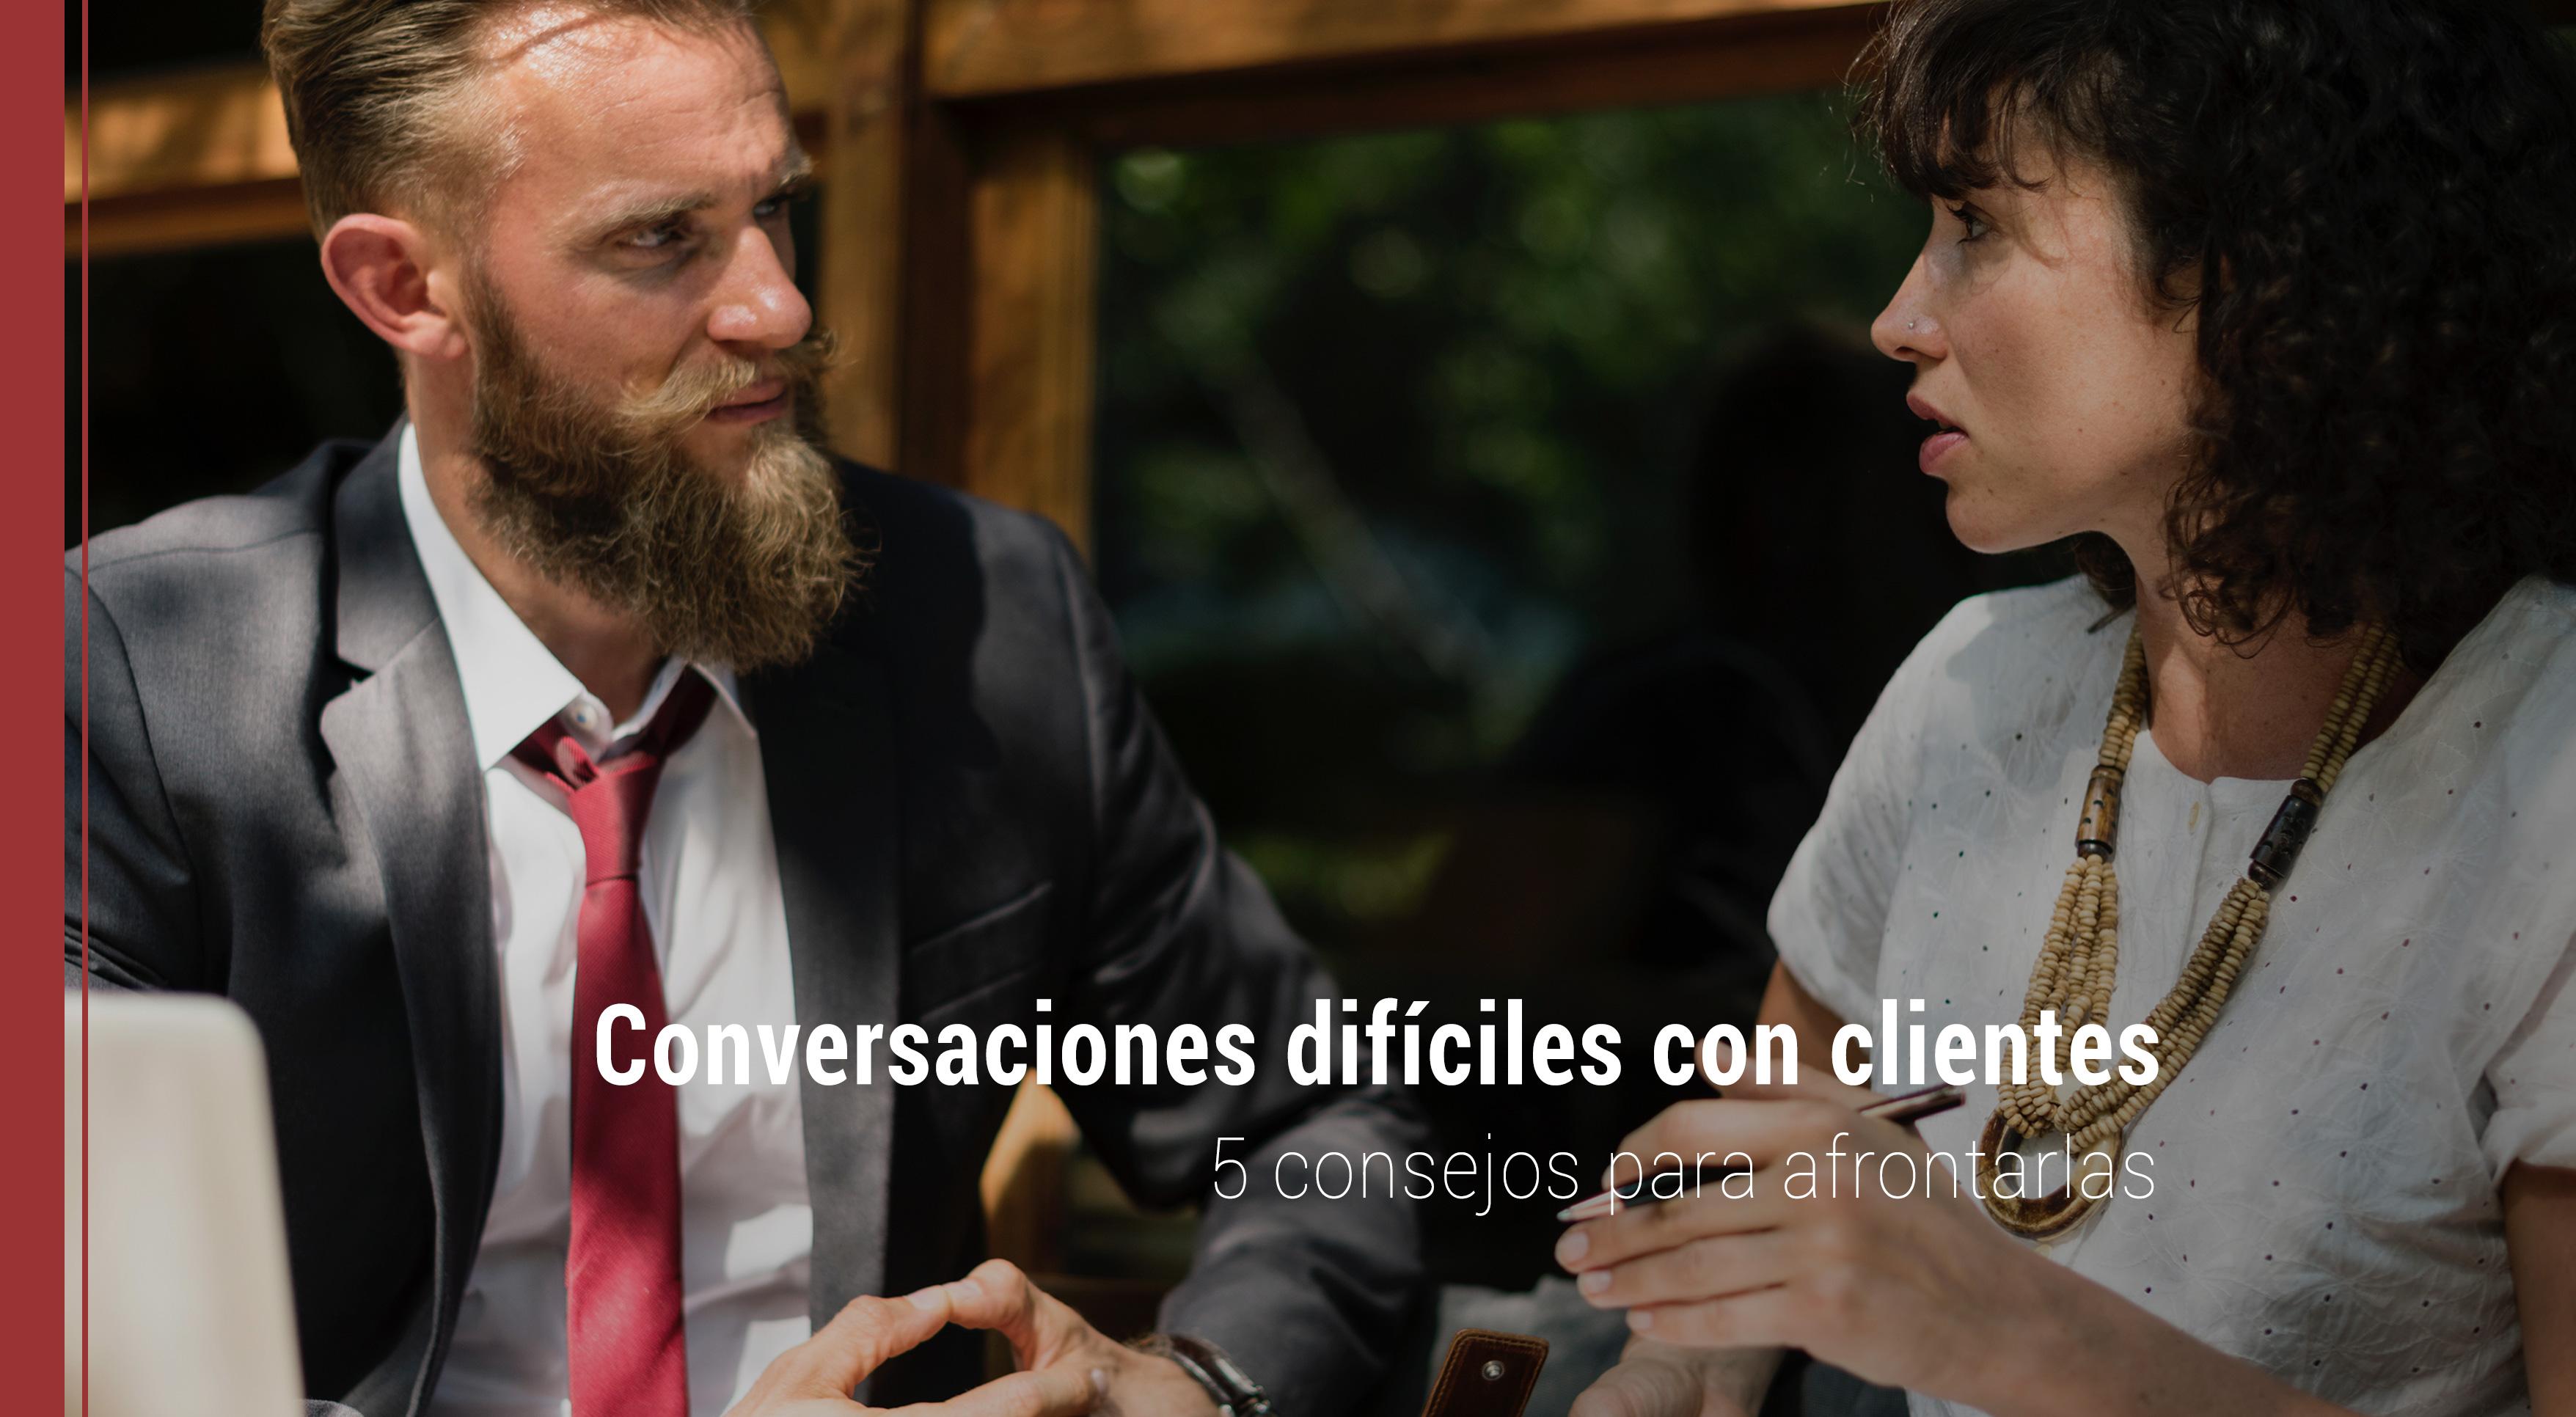 como afrontar conversaciones dificiles con clientes